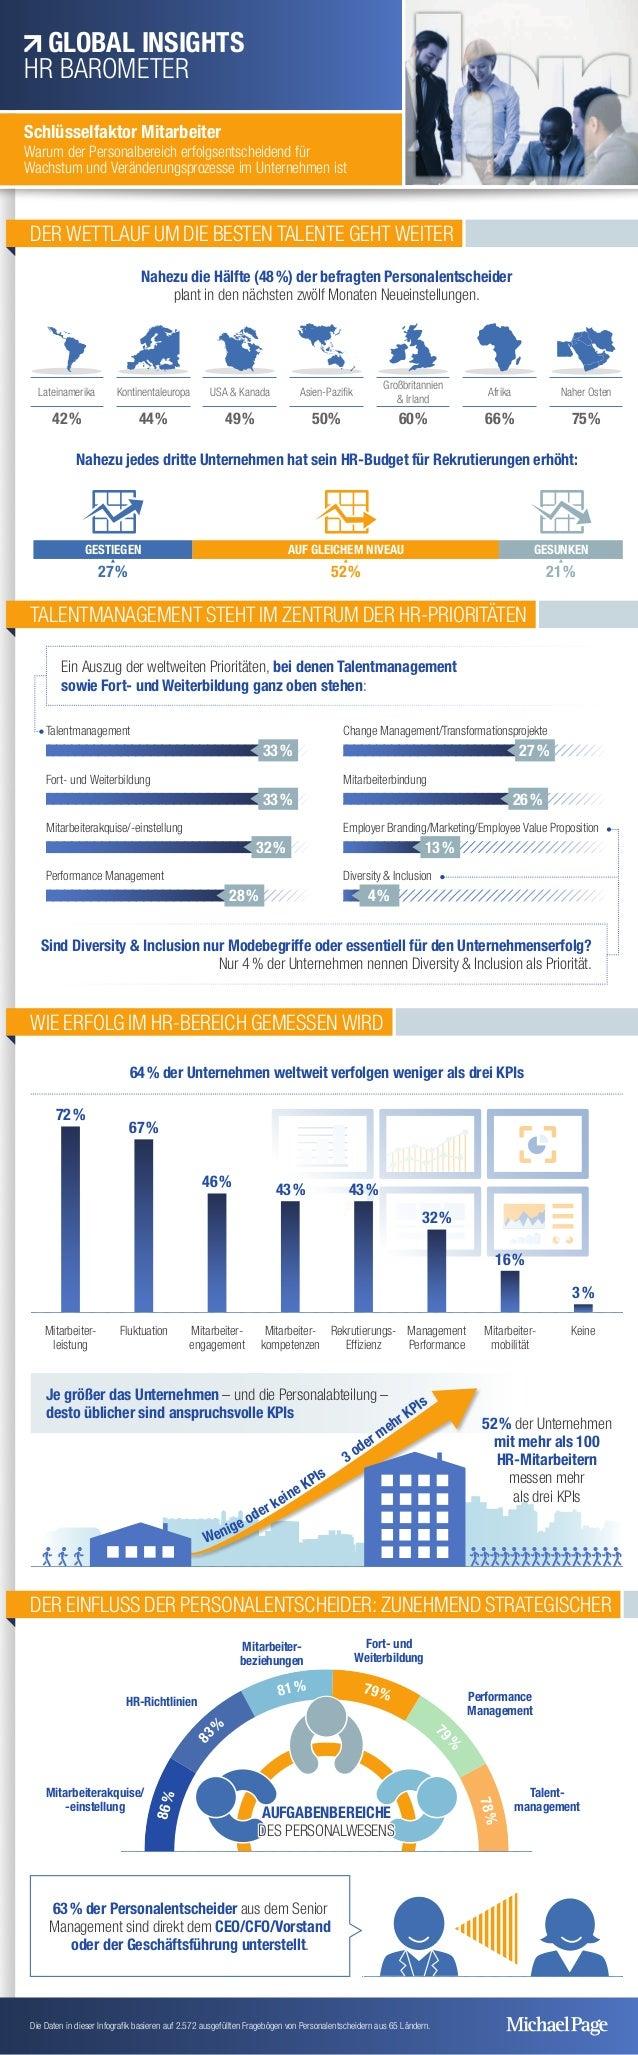 86% 8 3%  81% 79% 7 9%  78% DER WETTLAUF UM DIE BESTEN TALENTE GEHT WEITER Nahezu die Hälfte (48%) der befragt...